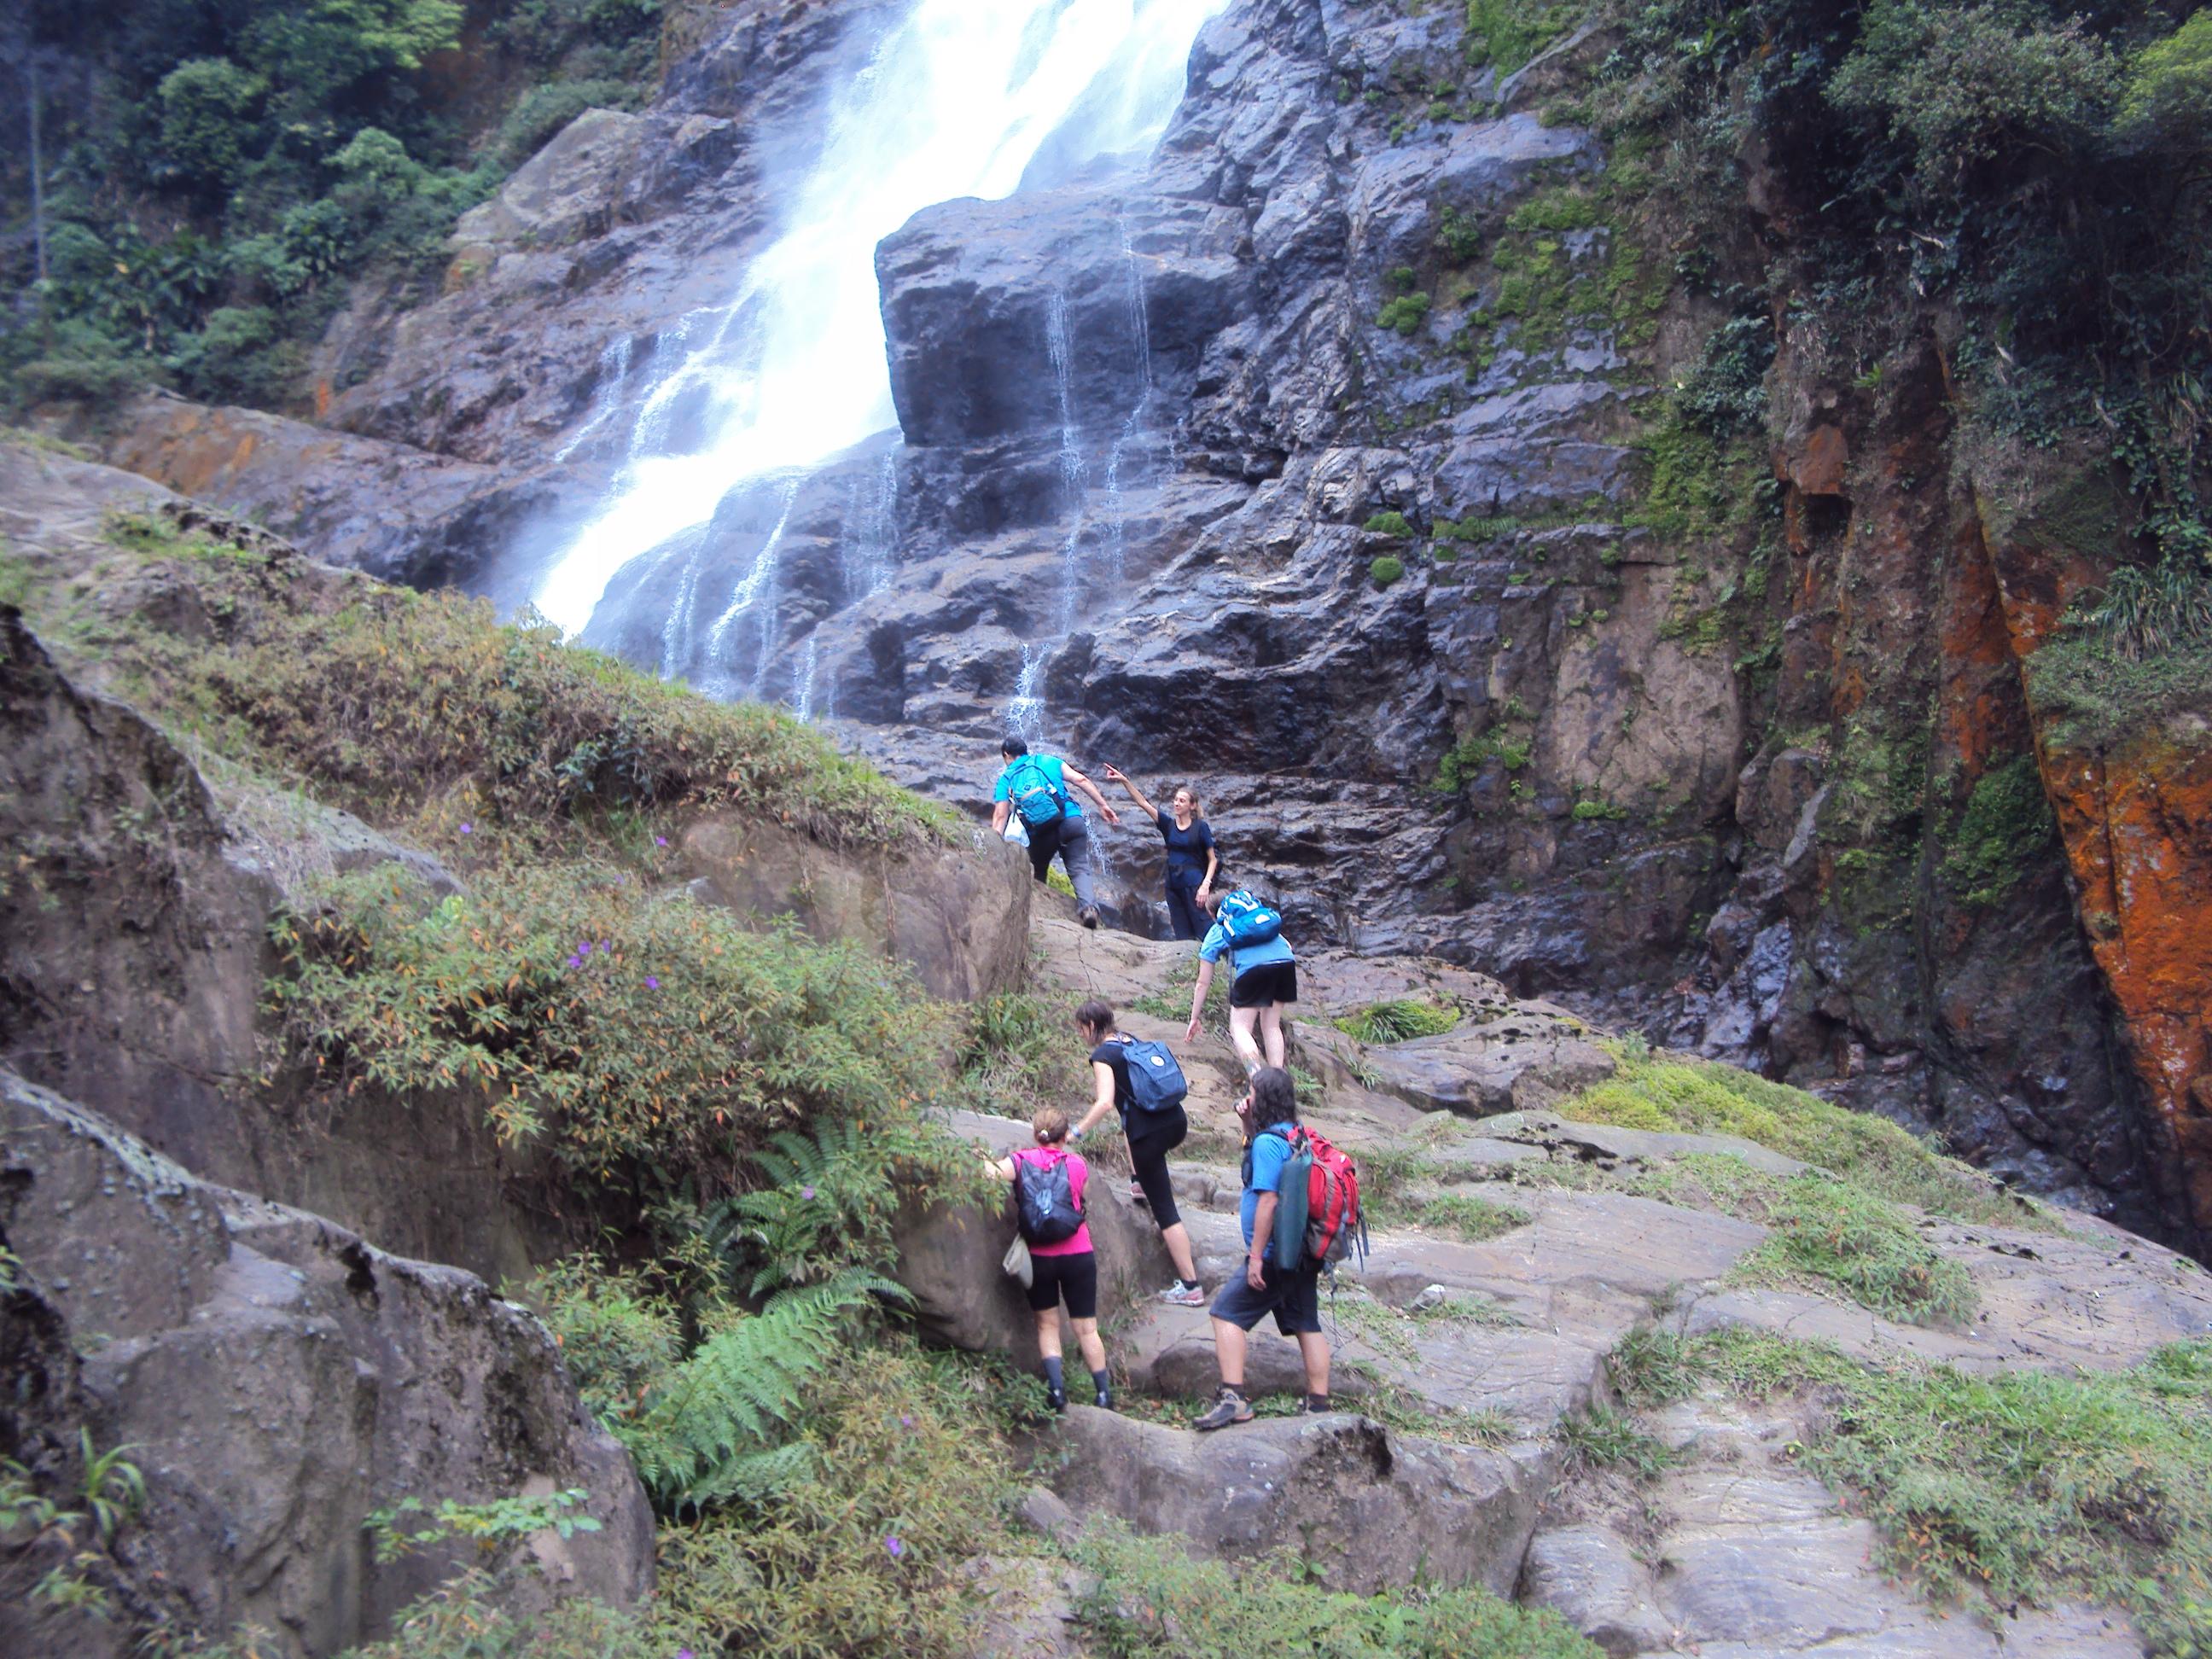 Vale das cachoeiras novembro 2014 046.jpg